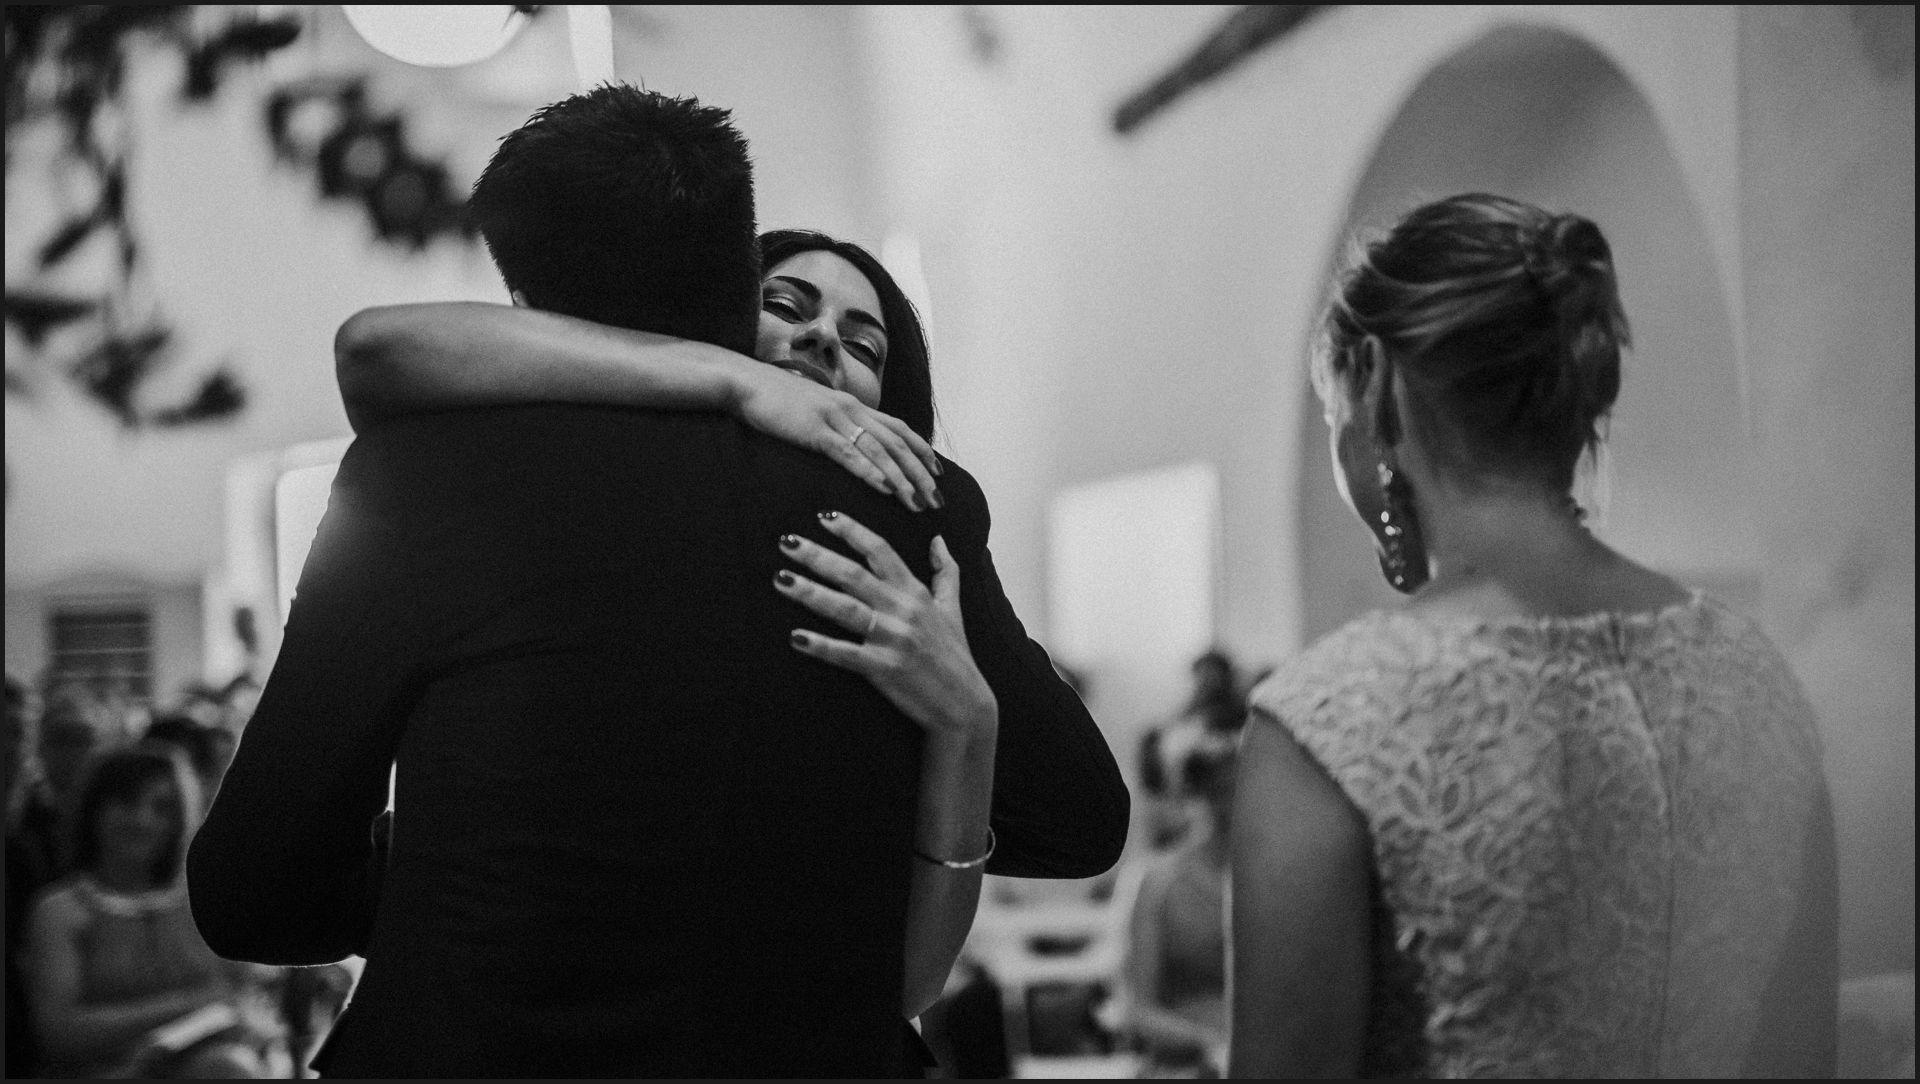 wedding, symbolic ceremony, wedding, umbria, nikis resort, black and white, hug